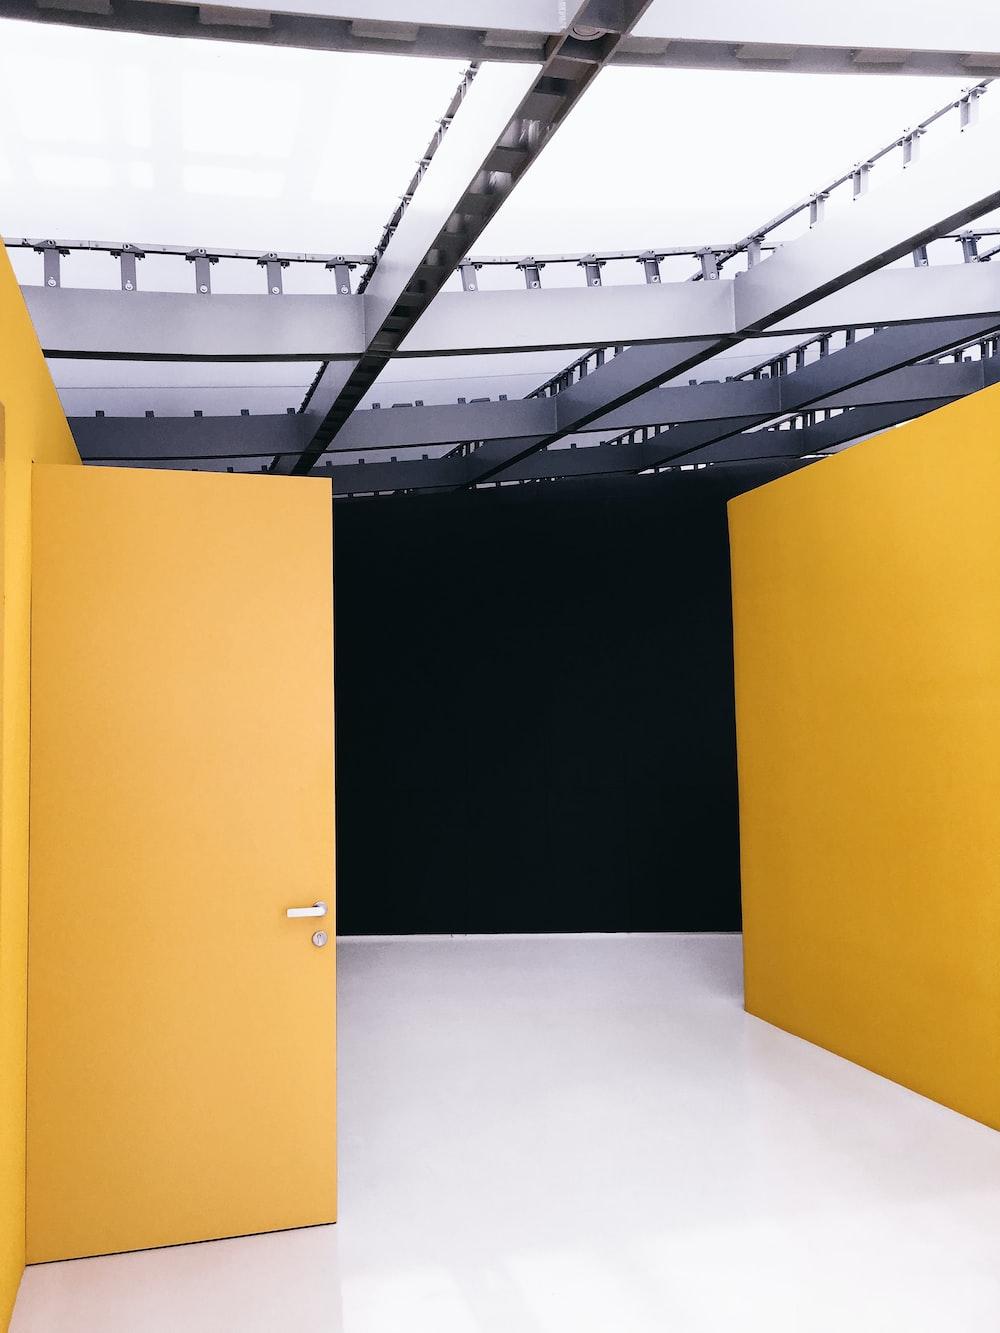 yellow wooden door open